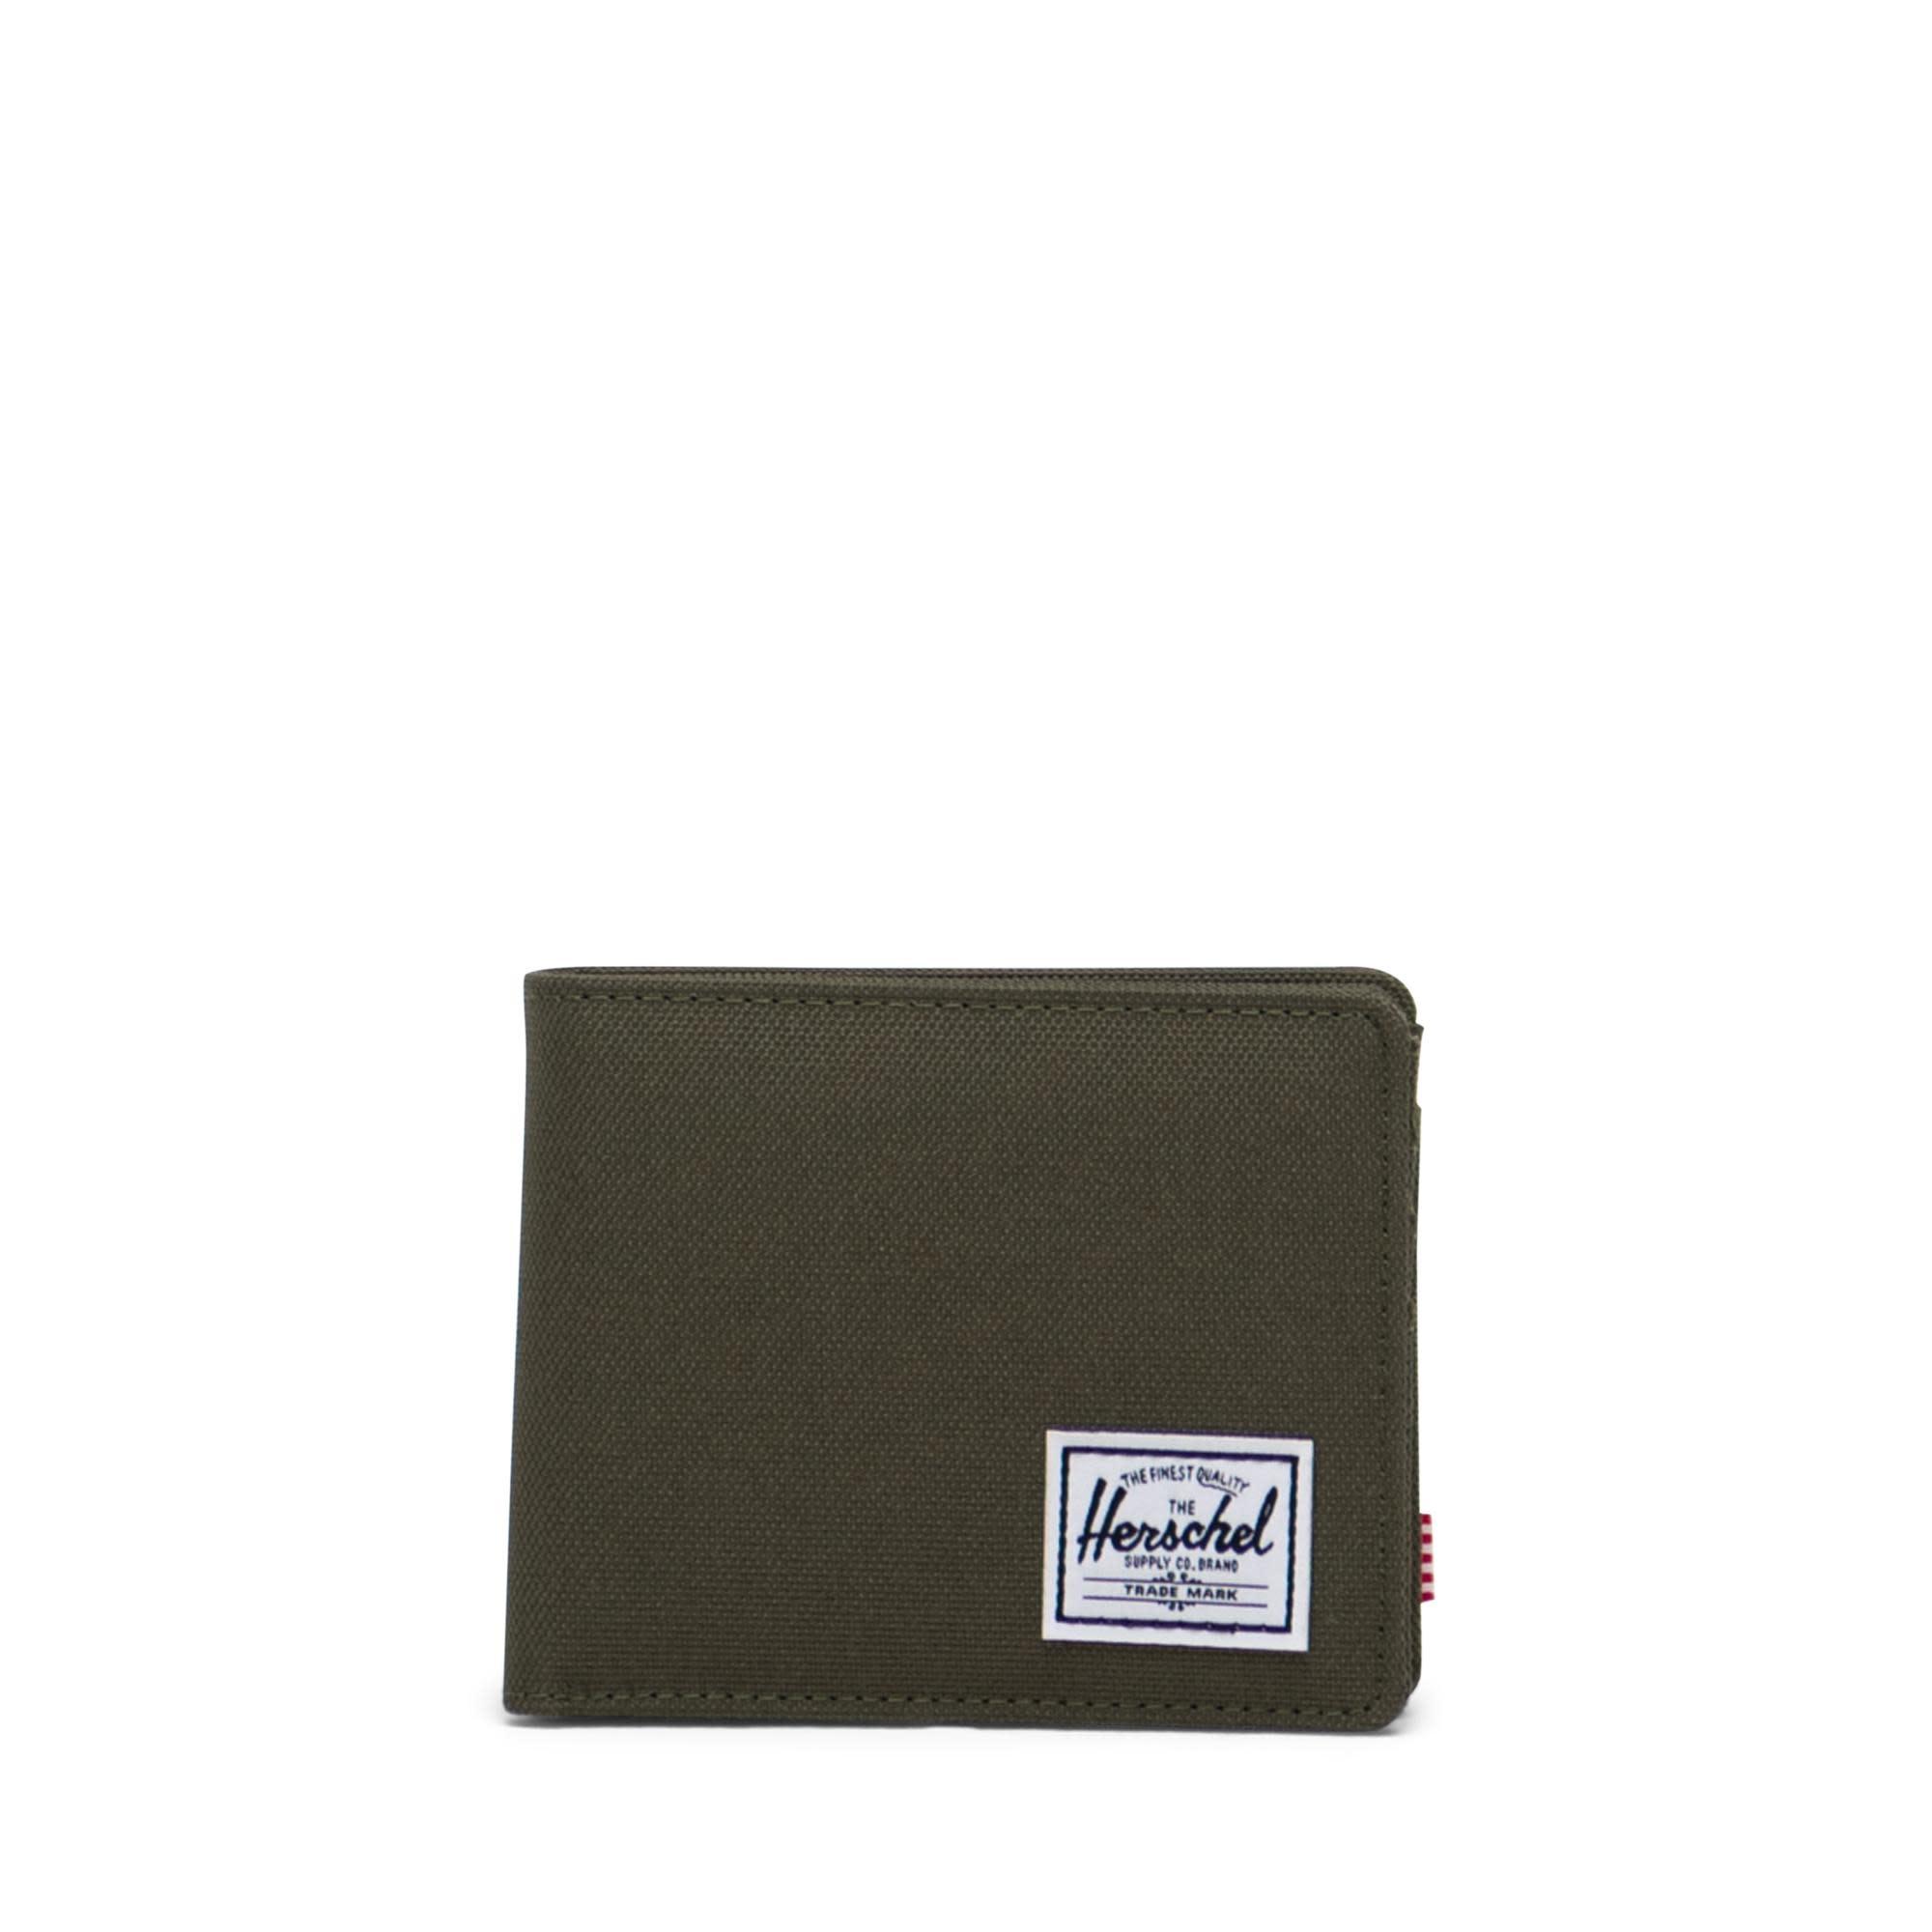 Herschel Supply Co. Herschel Roy Coin Wallet - Ivy Green/RFID